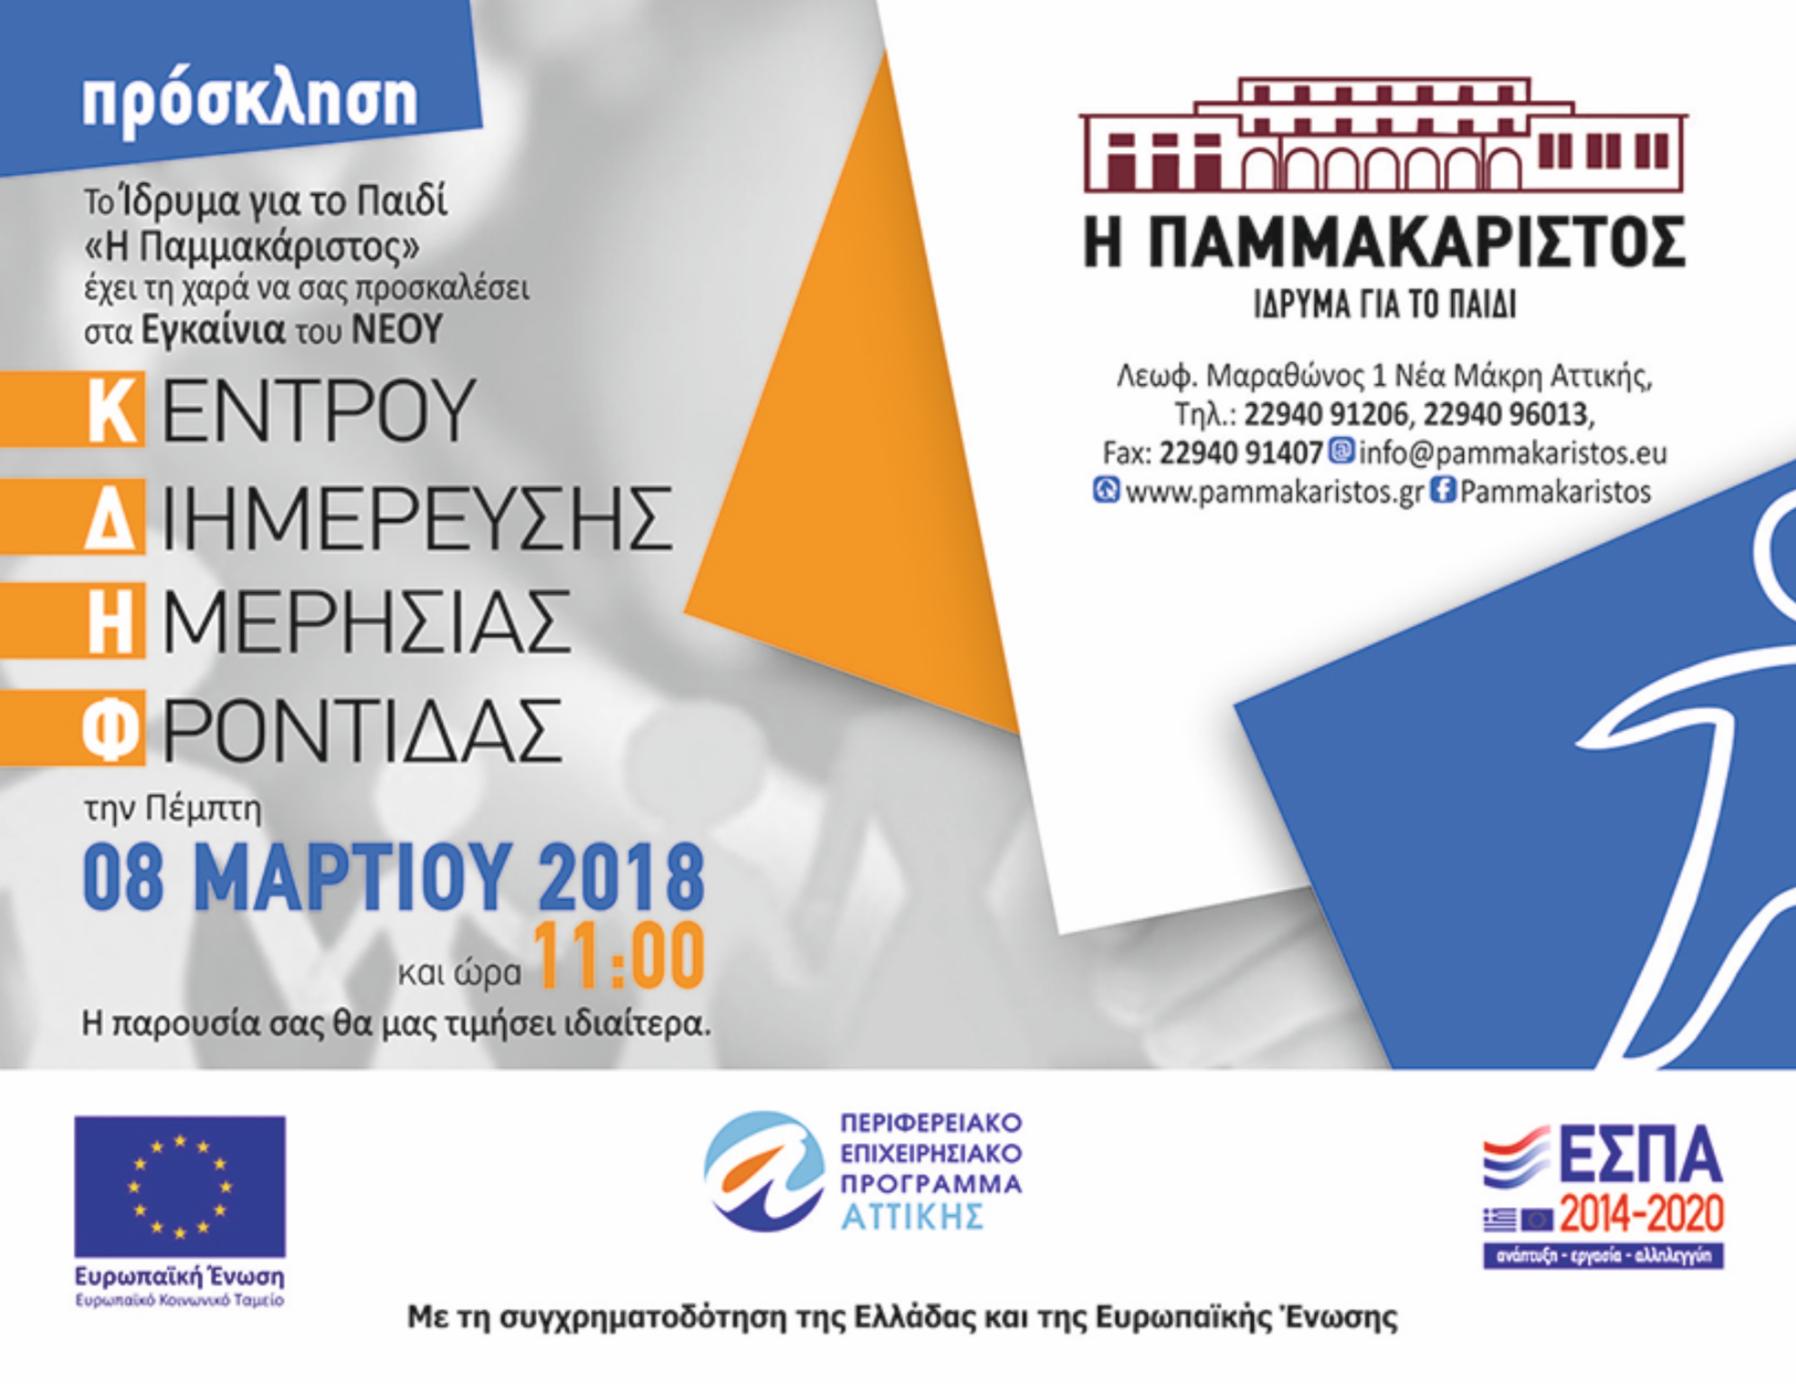 Εγκαίνια Κέντρου Διημέρευσης Ημερήσιας Φροντίδας στη Νέα Μάκρη Αττικής από το Ίδρυμα για το Παιδί - Η Παμμακάριστος στις 8/3/2018.